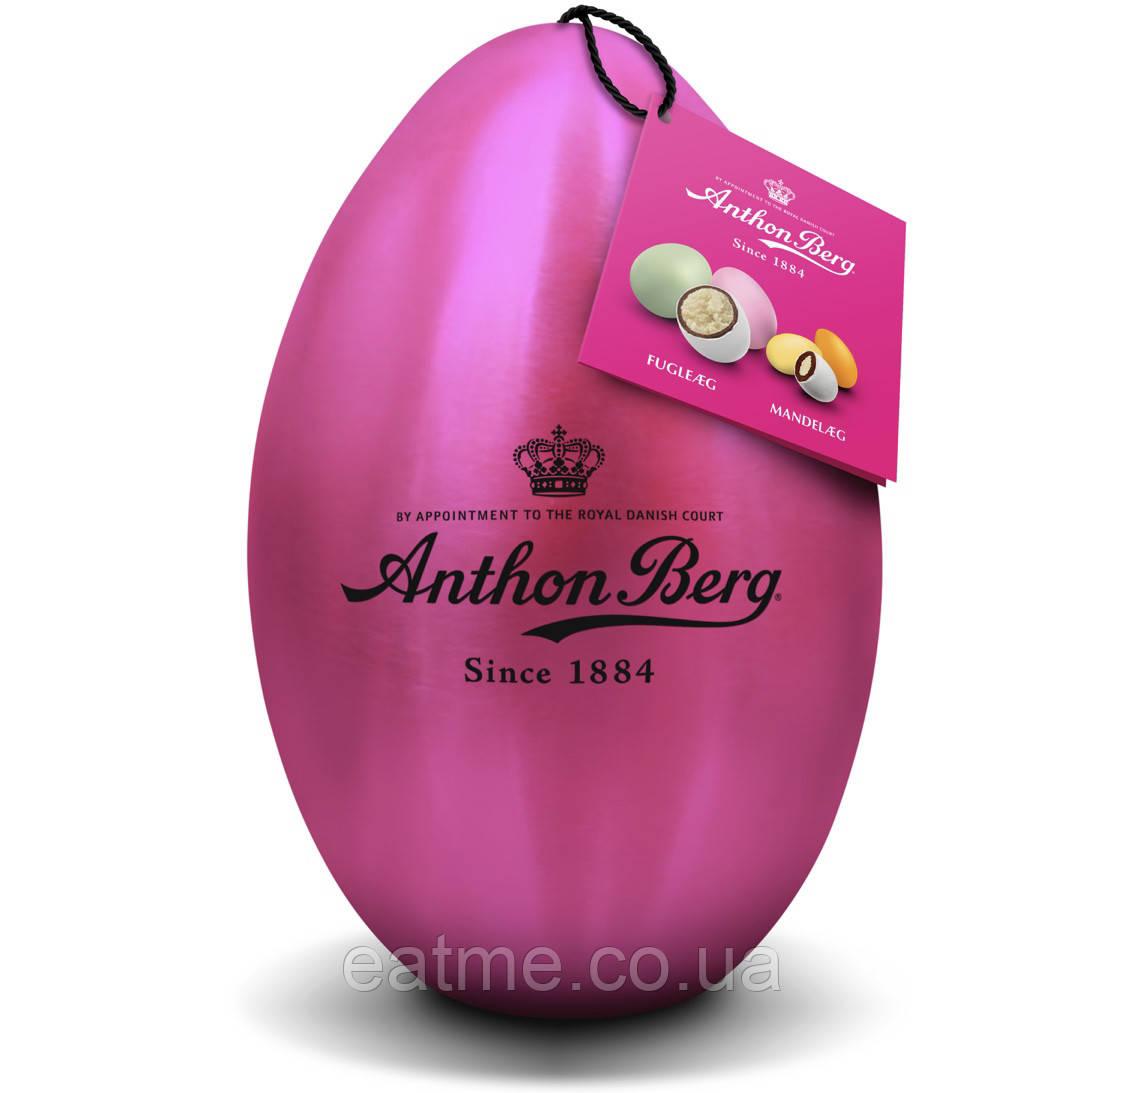 Anthon Berg Easter Egg Розовое